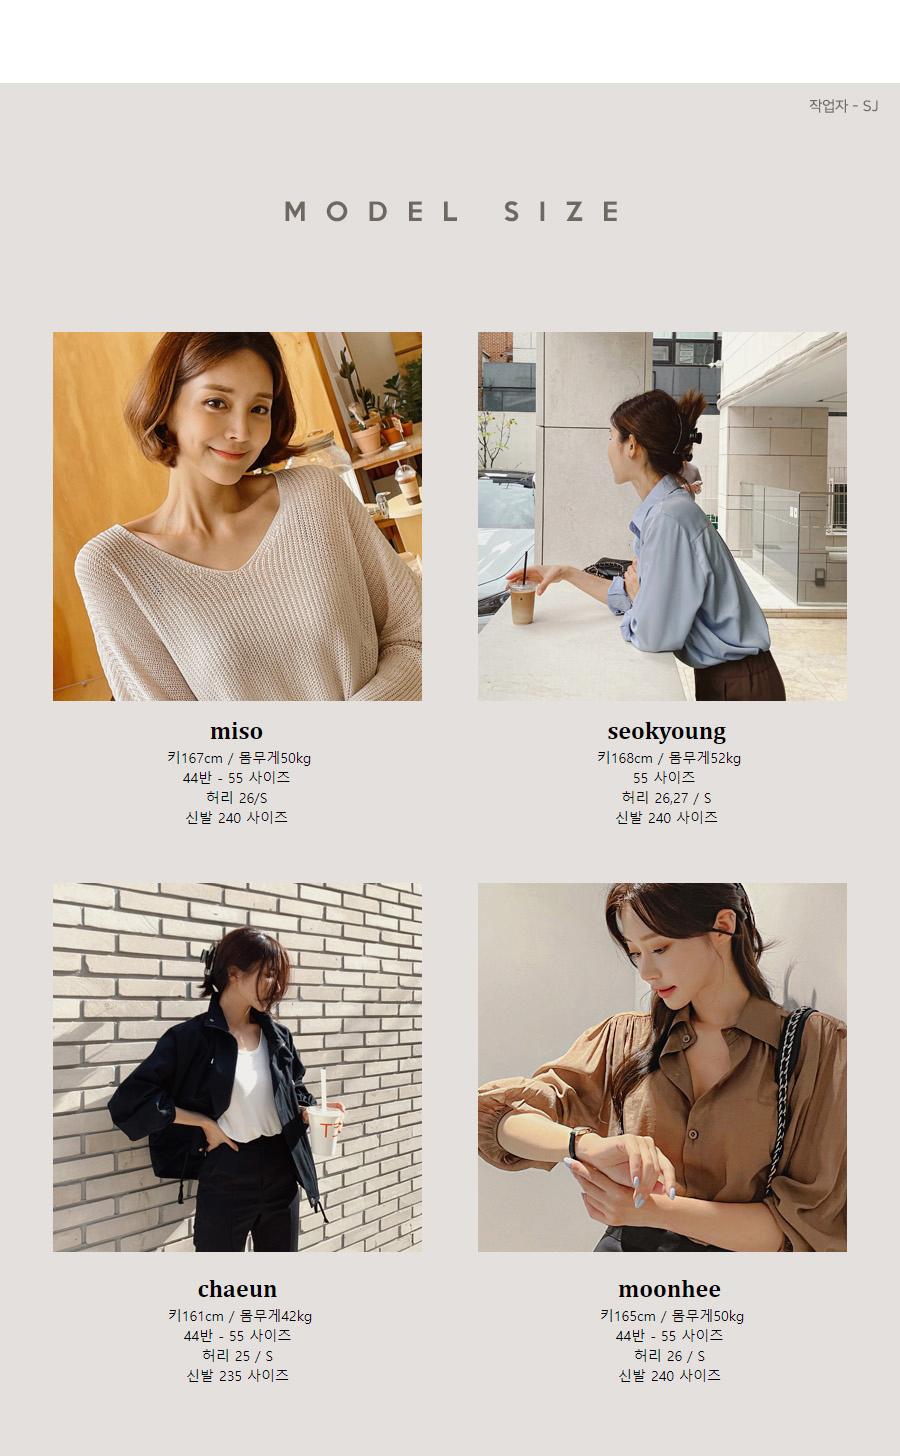 accessories model image-S1L15